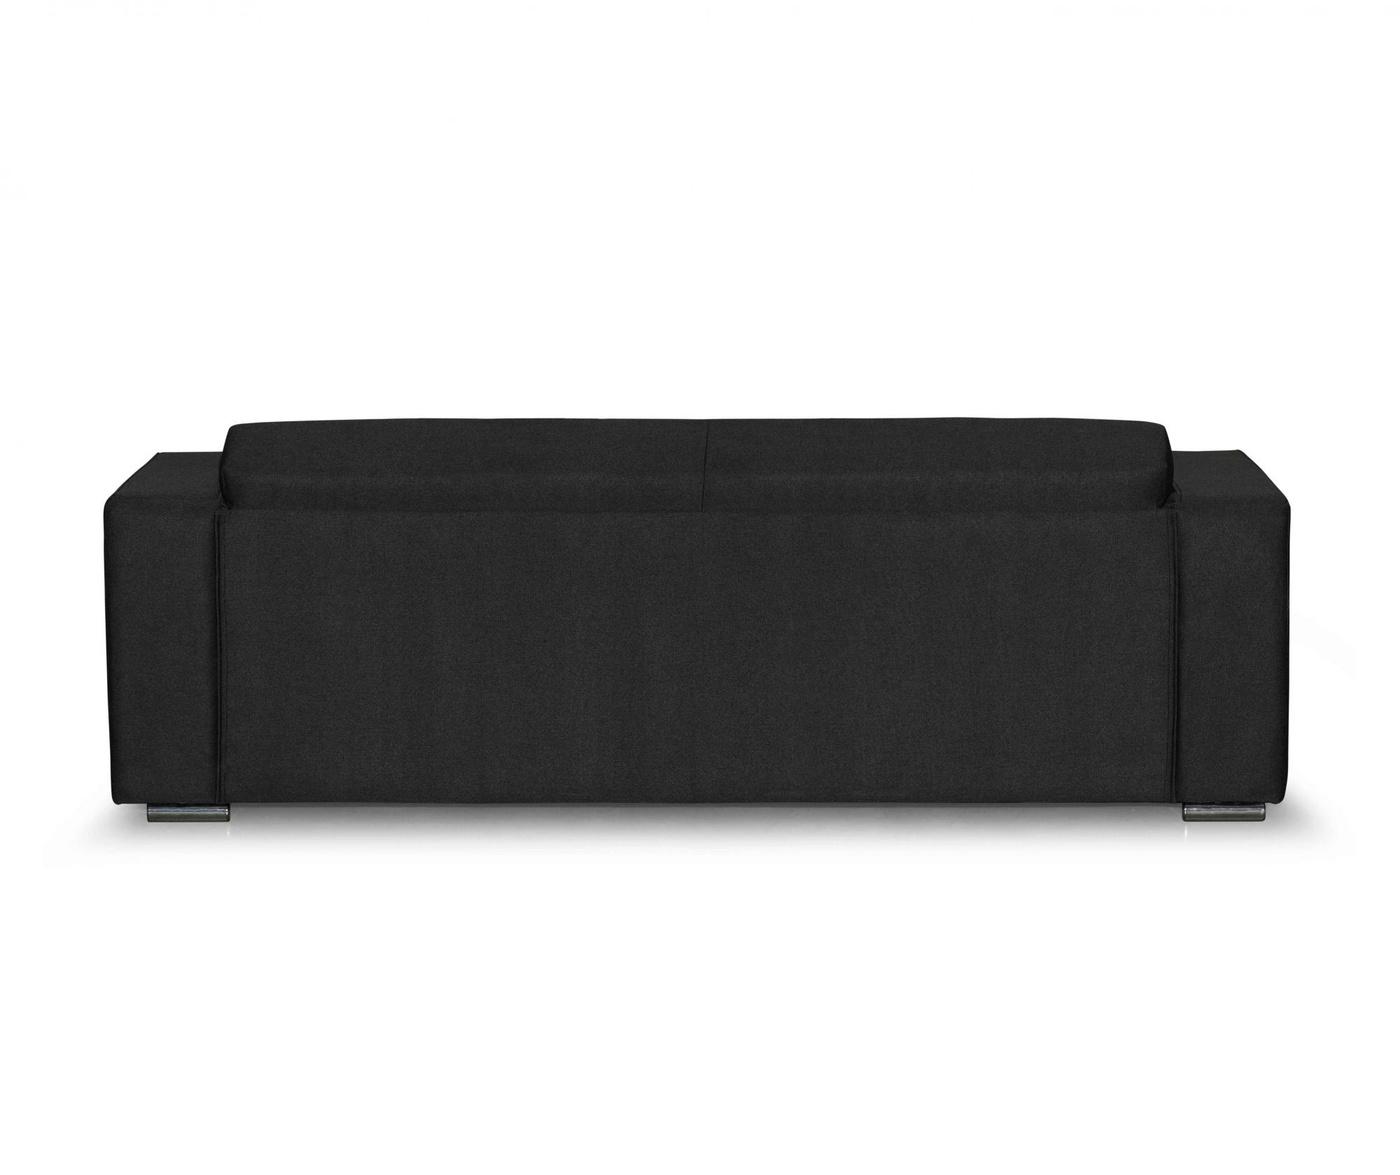 Canapea 3 locuri Ava Bladen Black